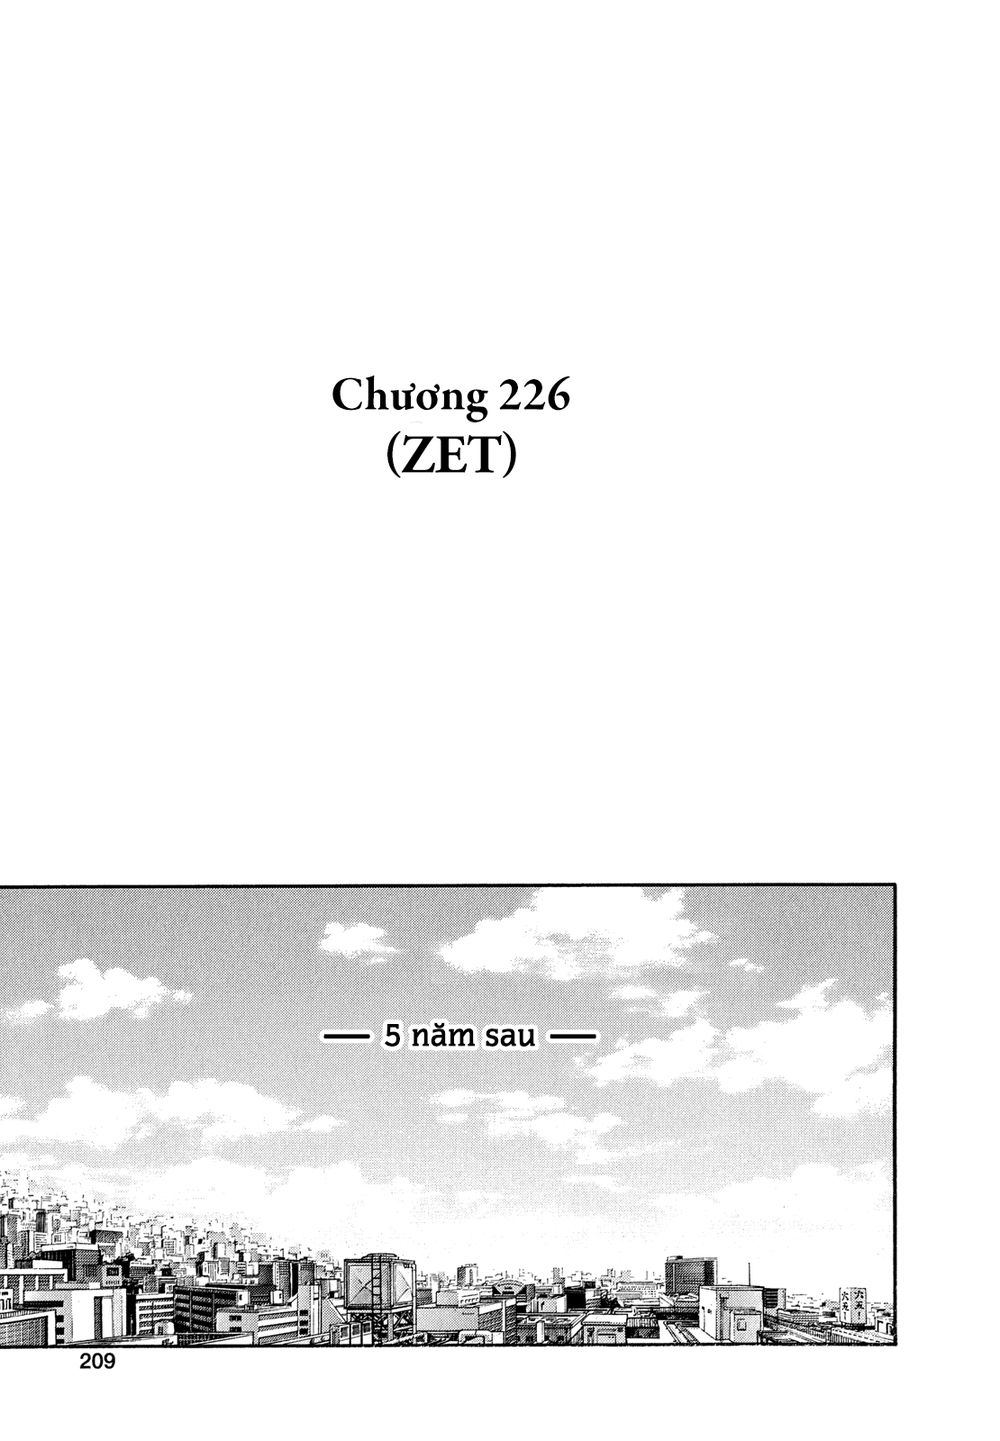 Zetman Chap 226 . Next Chap Chap 226 - the end